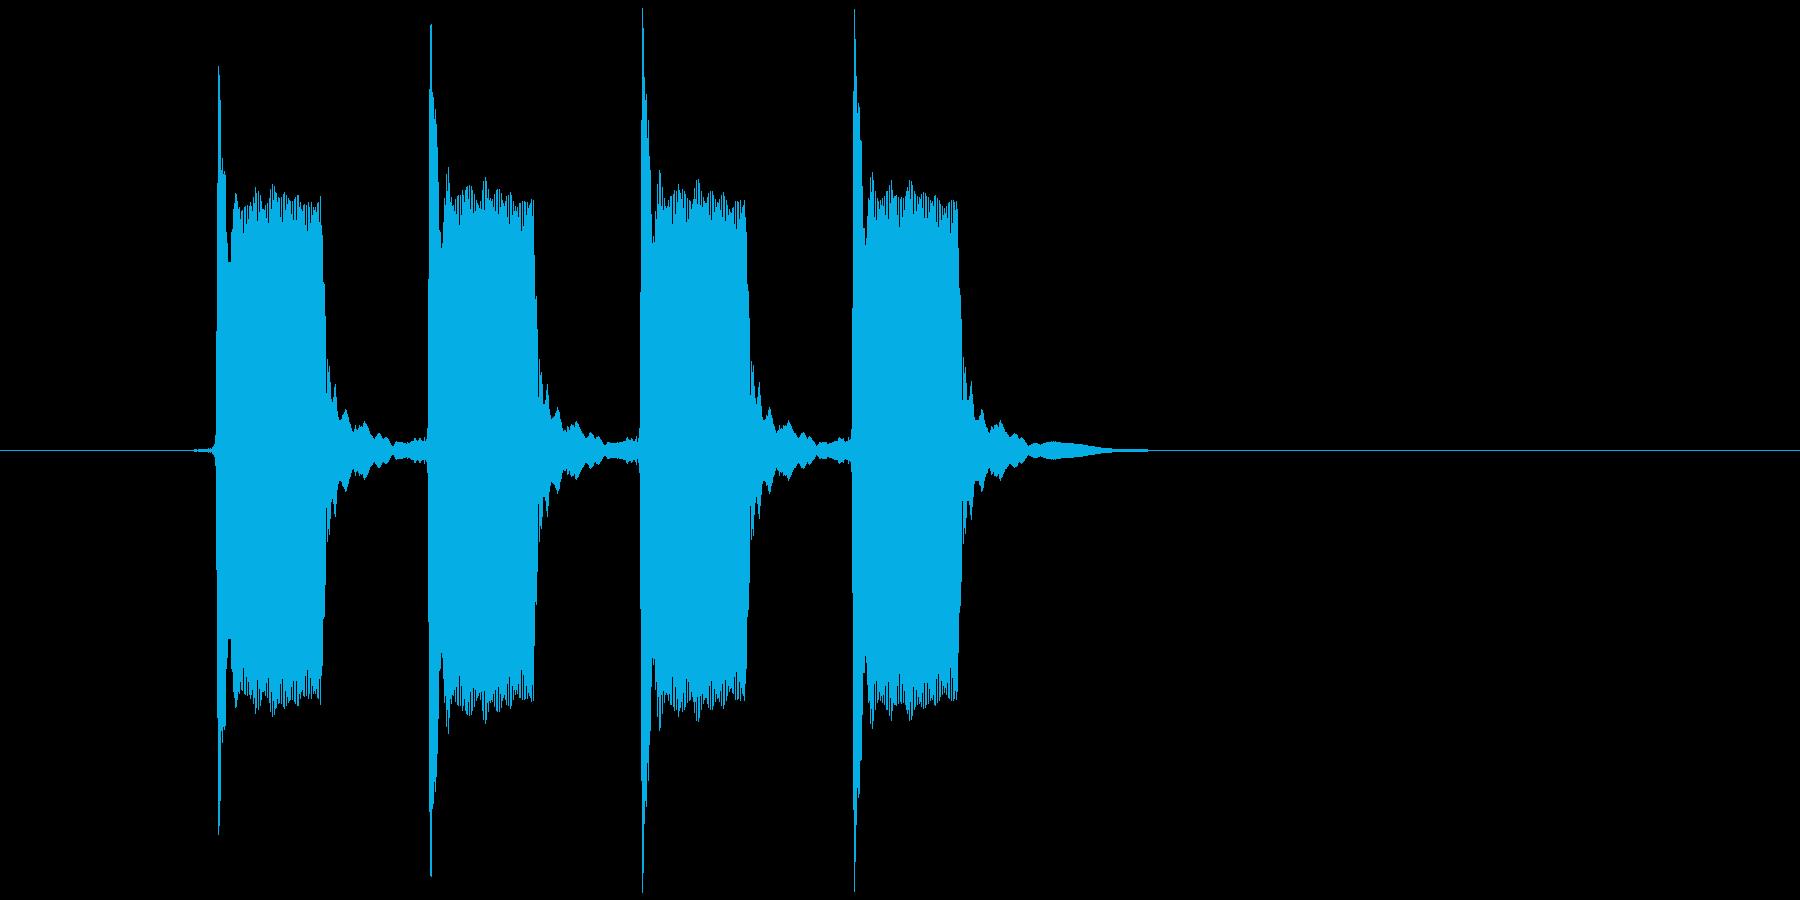 ピピピピッ(目覚まし時計、アラーム)の再生済みの波形